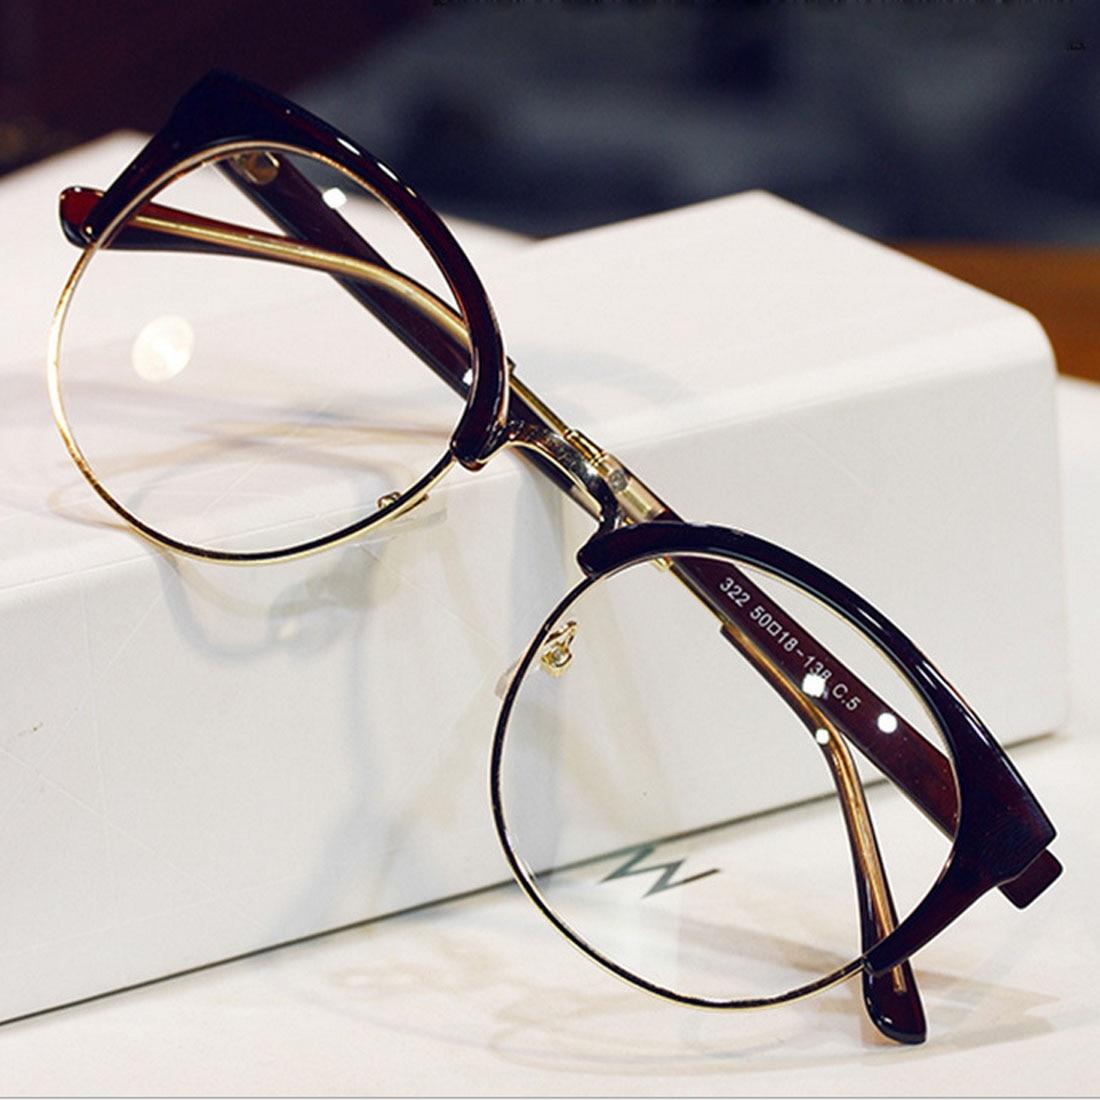 2017 Neue Anti-strahlung Brille Plain Glas Brille Mode Frauen Metall + Kunststoff Semi Kreis Rahmen Gläser Rheuma Und ErkäLtung Lindern